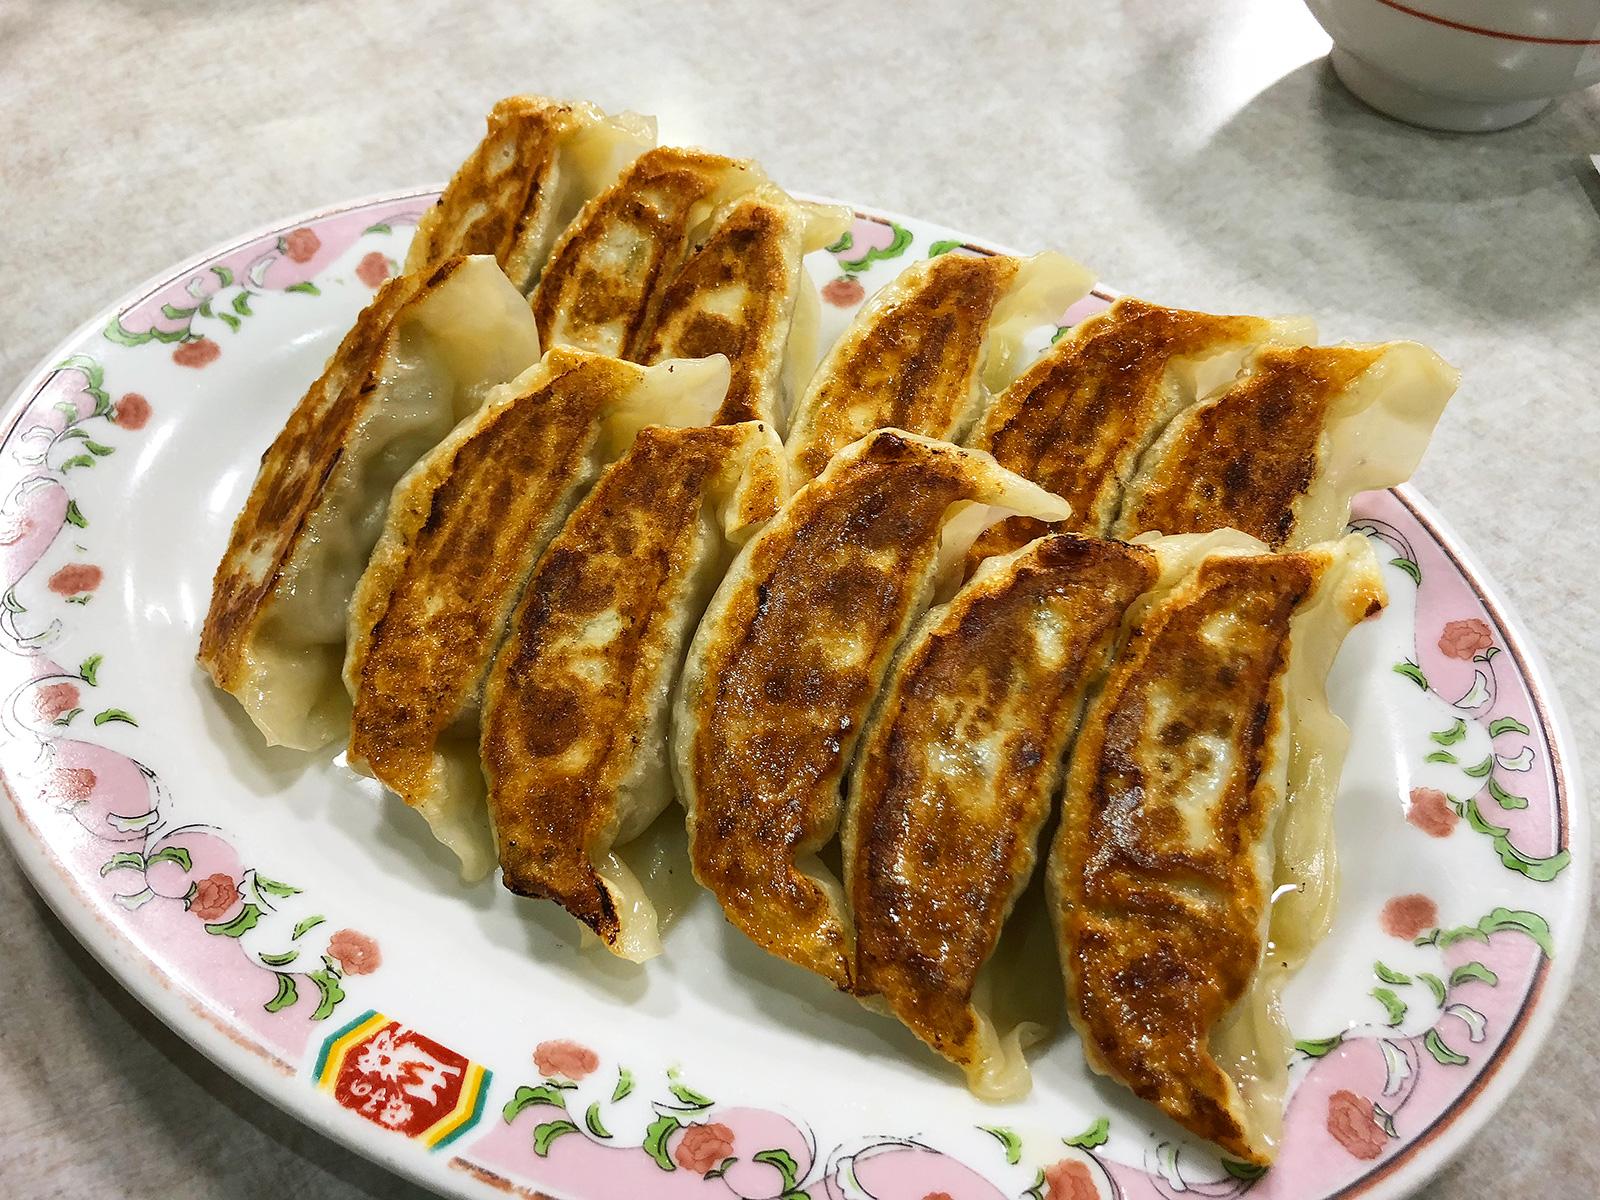 「餃子の王将 愛知岩倉店」の餃子と野菜炒め @岩倉市